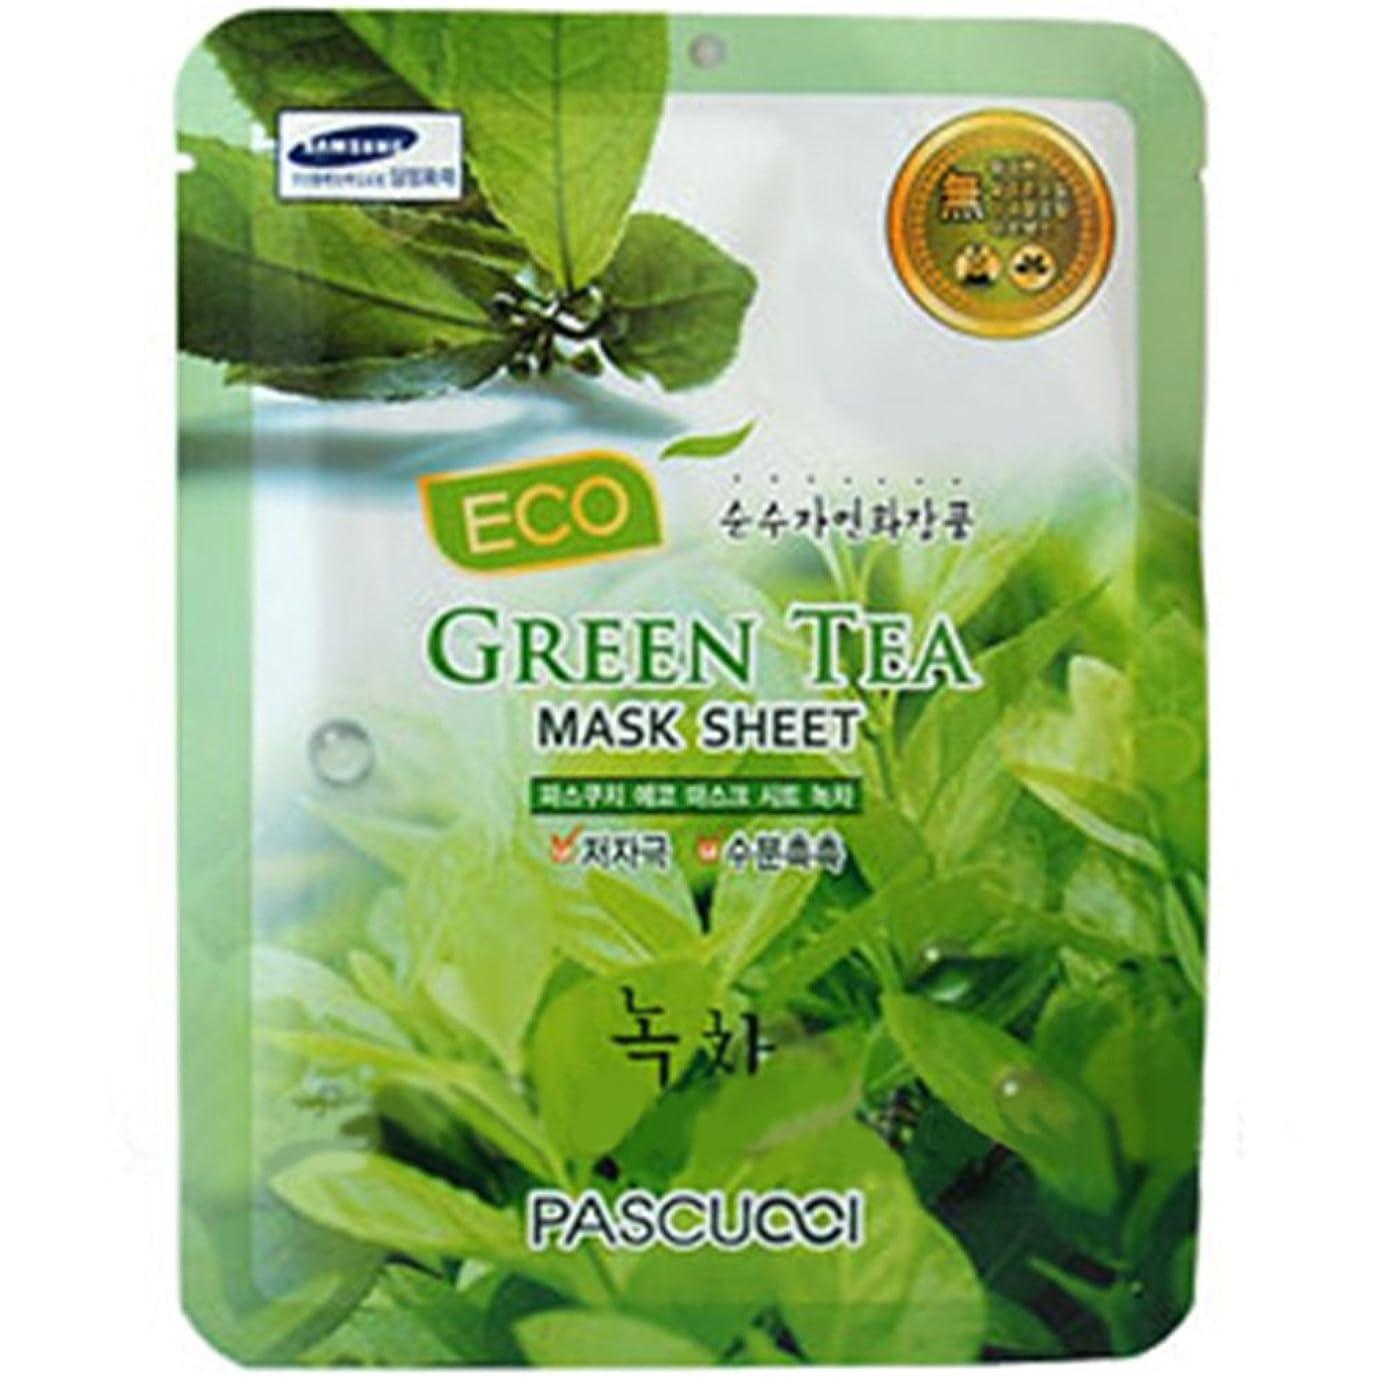 同僚凶暴な護衛PASCUCCI Green Tea Mask 10 Sheets 緑茶マスク CH1292449 [並行輸入品]